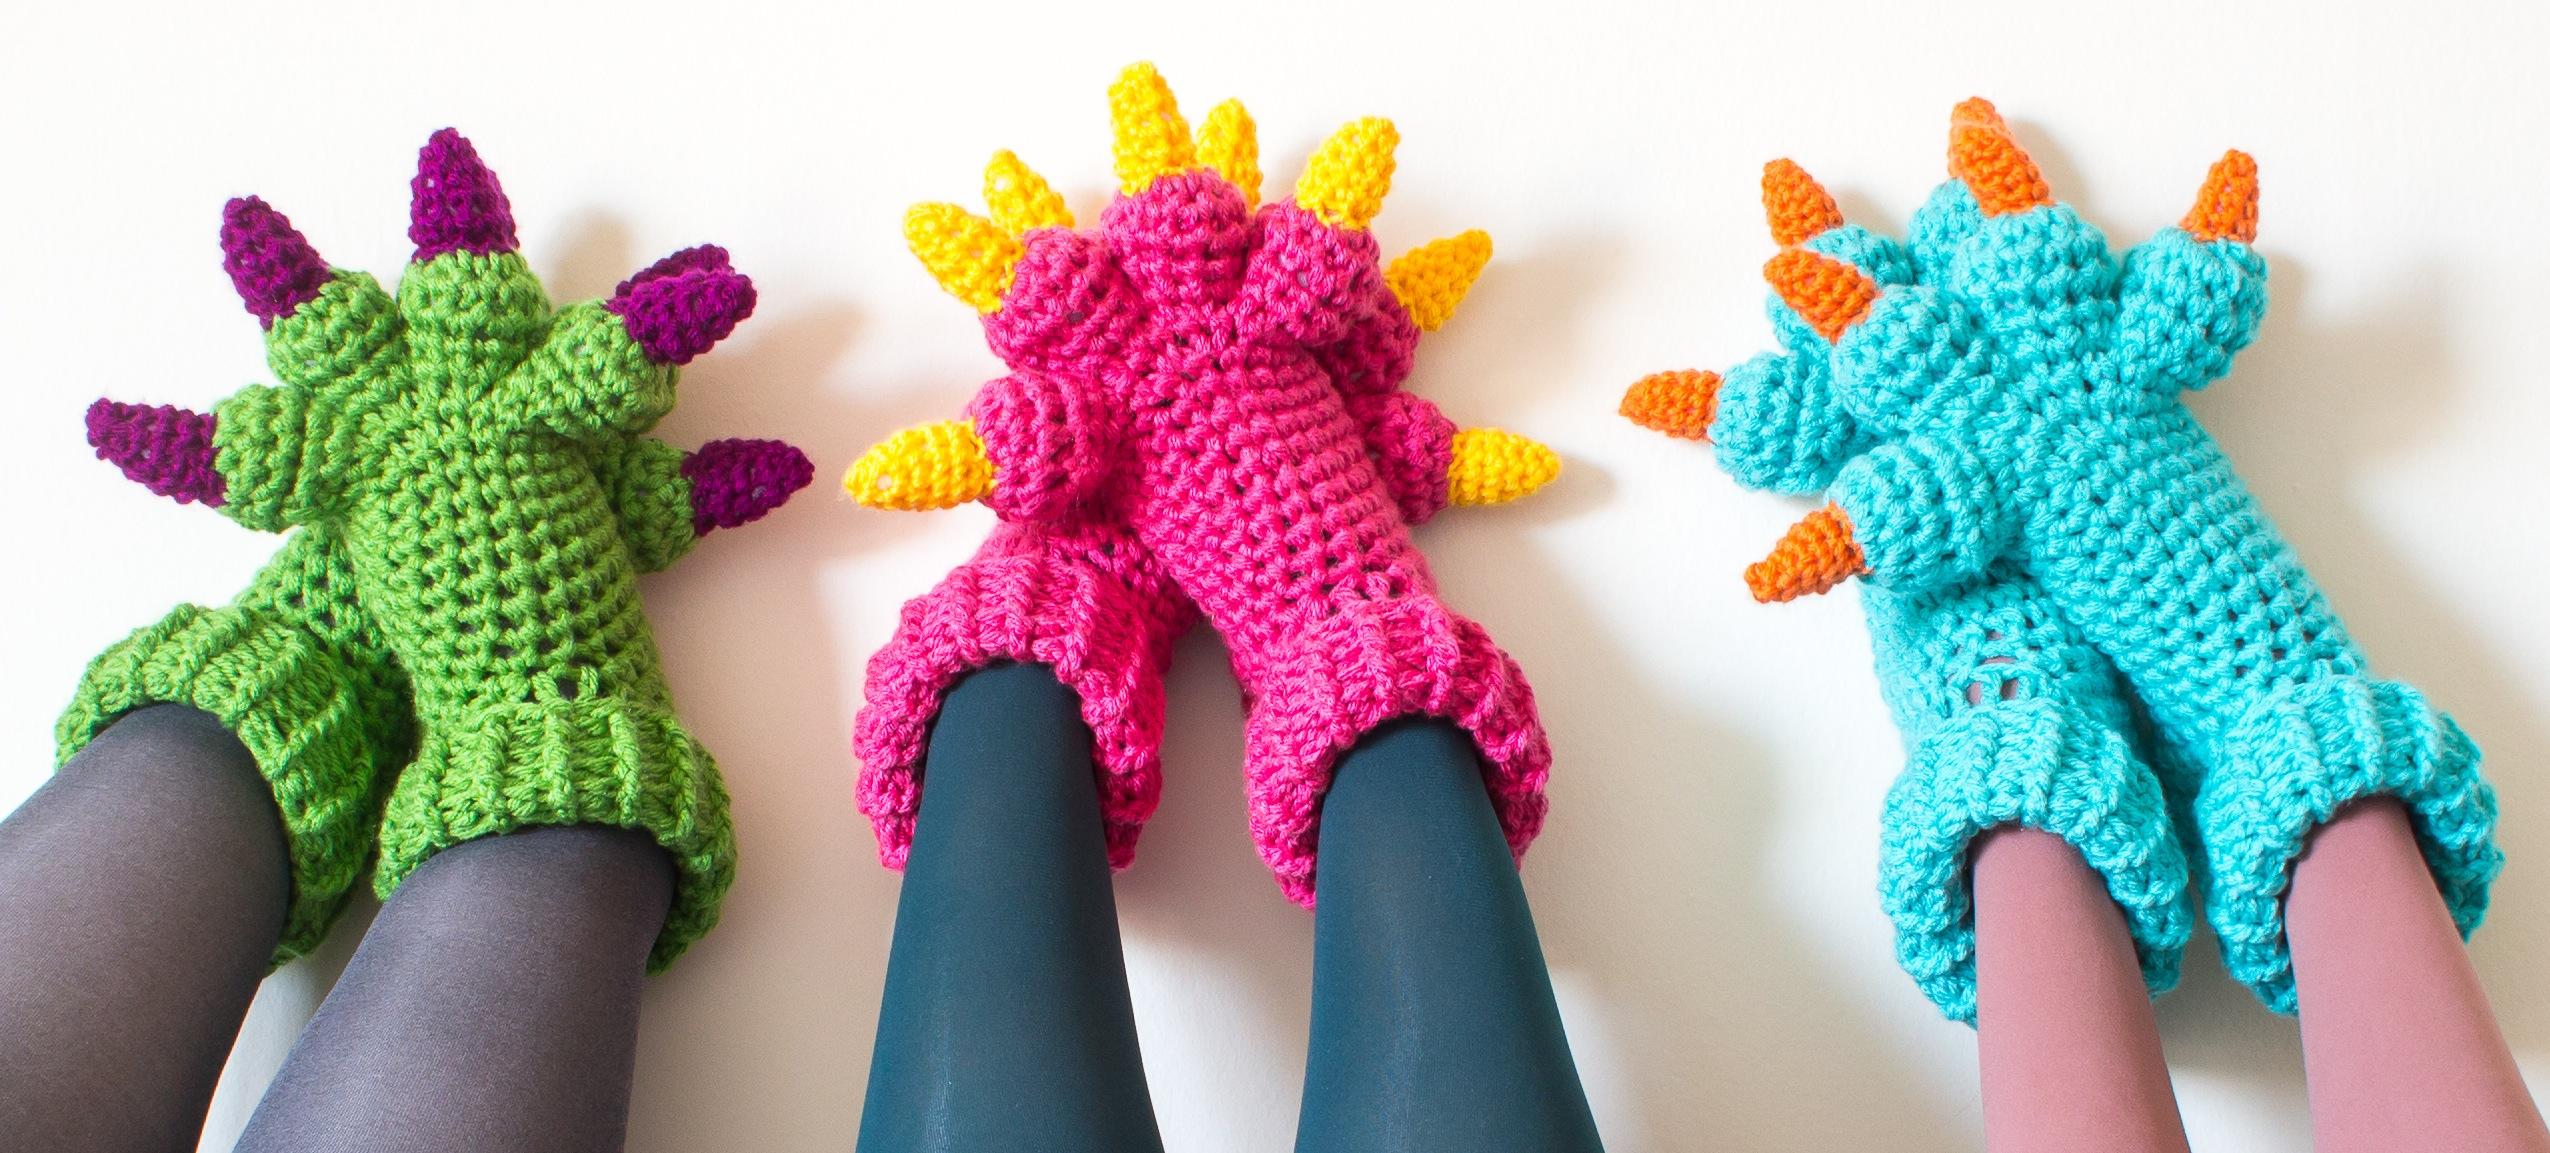 New Crochet Pattern: Monster Slippers